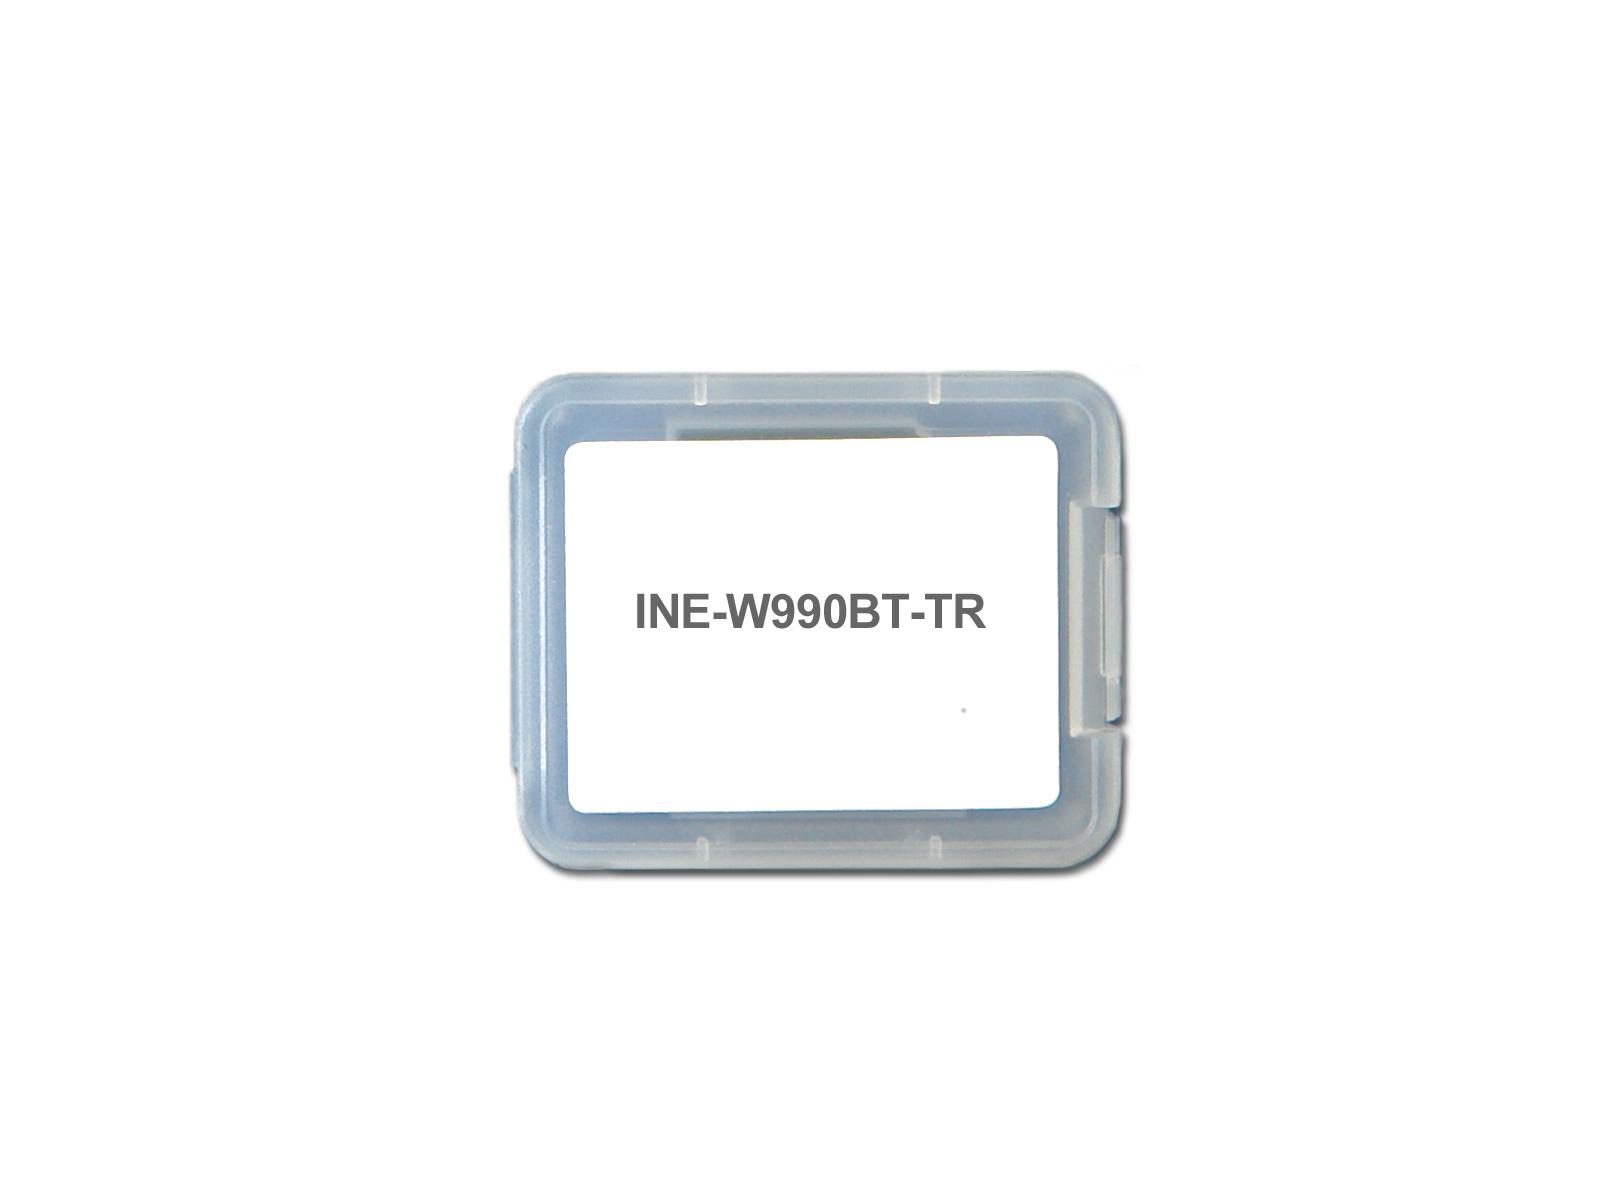 Alpine INE-W990BT-TR Camping, Caravan & LKW Software für INE-W990BT / INE-W990HDMI